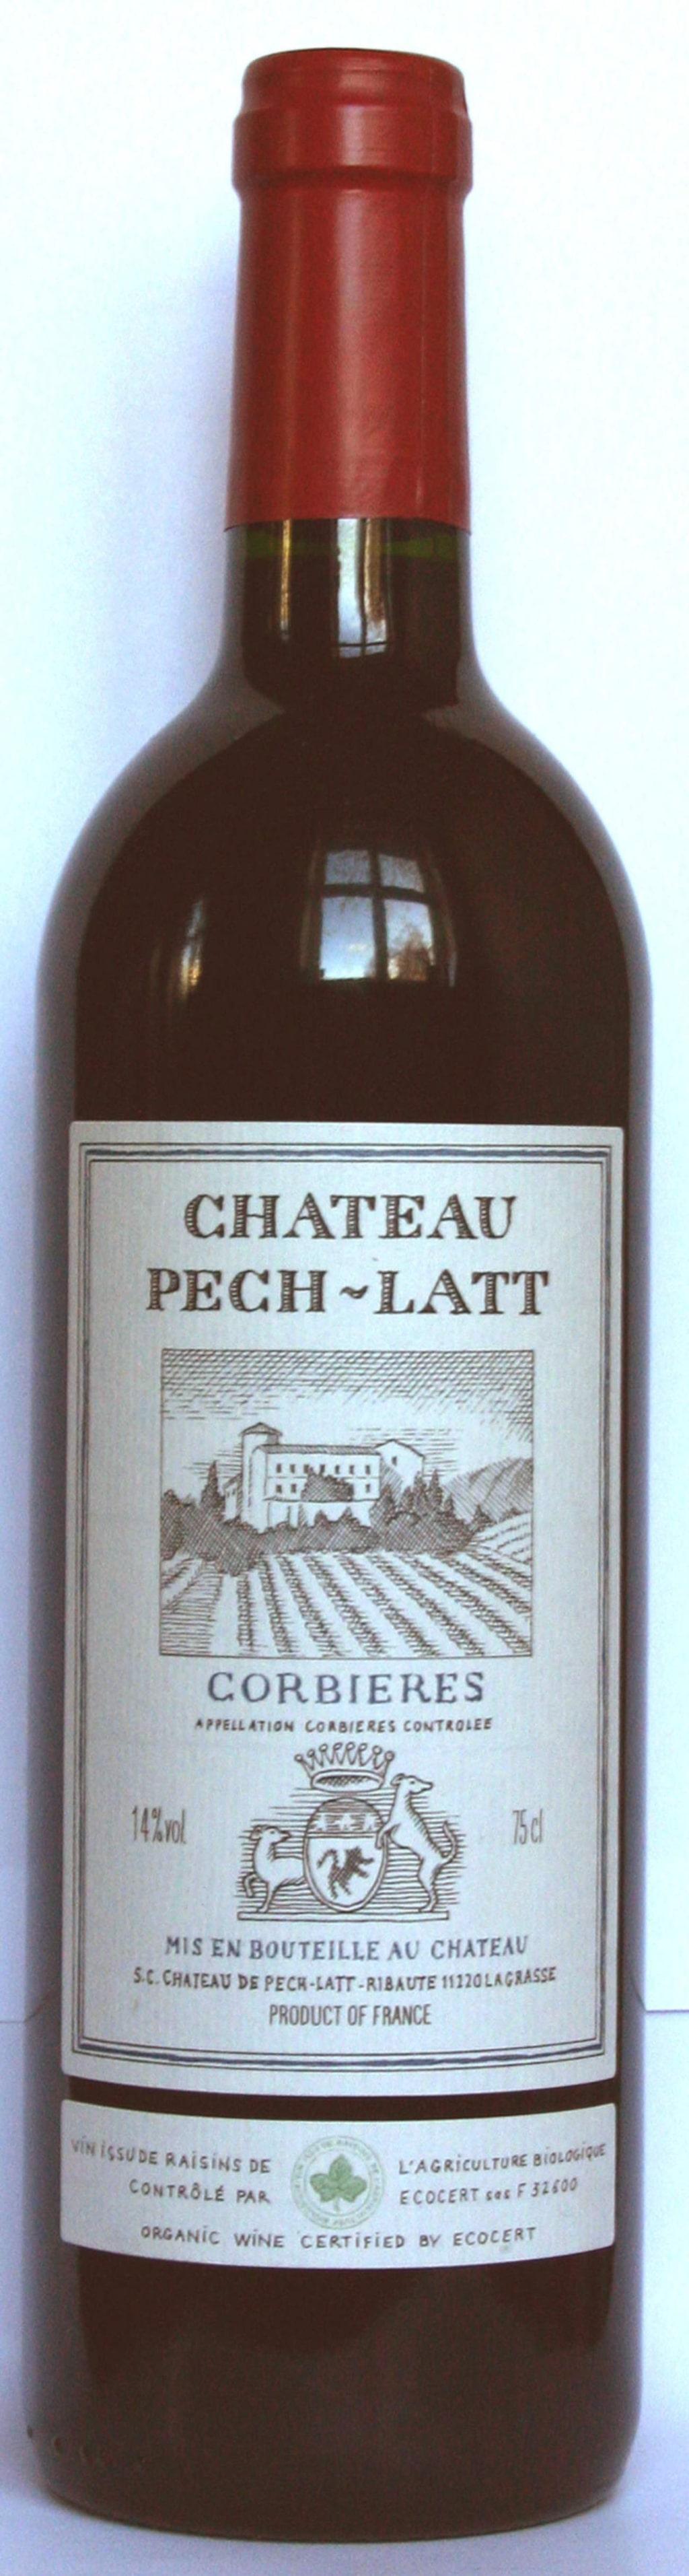 """Rött<br><strong>Château Pech-Latt 2013 (2233) Frankrike, 99 kr</strong><br>Ungt och vitalt med toner av saftiga plommon, hallon, örter och ett lätt pepprigt inslag. Fint till kalvstek med kantarellsås.<br><exp:icon type=""""wasp""""></exp:icon><exp:icon type=""""wasp""""></exp:icon><exp:icon type=""""wasp""""></exp:icon><exp:icon type=""""wasp""""></exp:icon><exp:icon type=""""wasp""""></exp:icon>"""